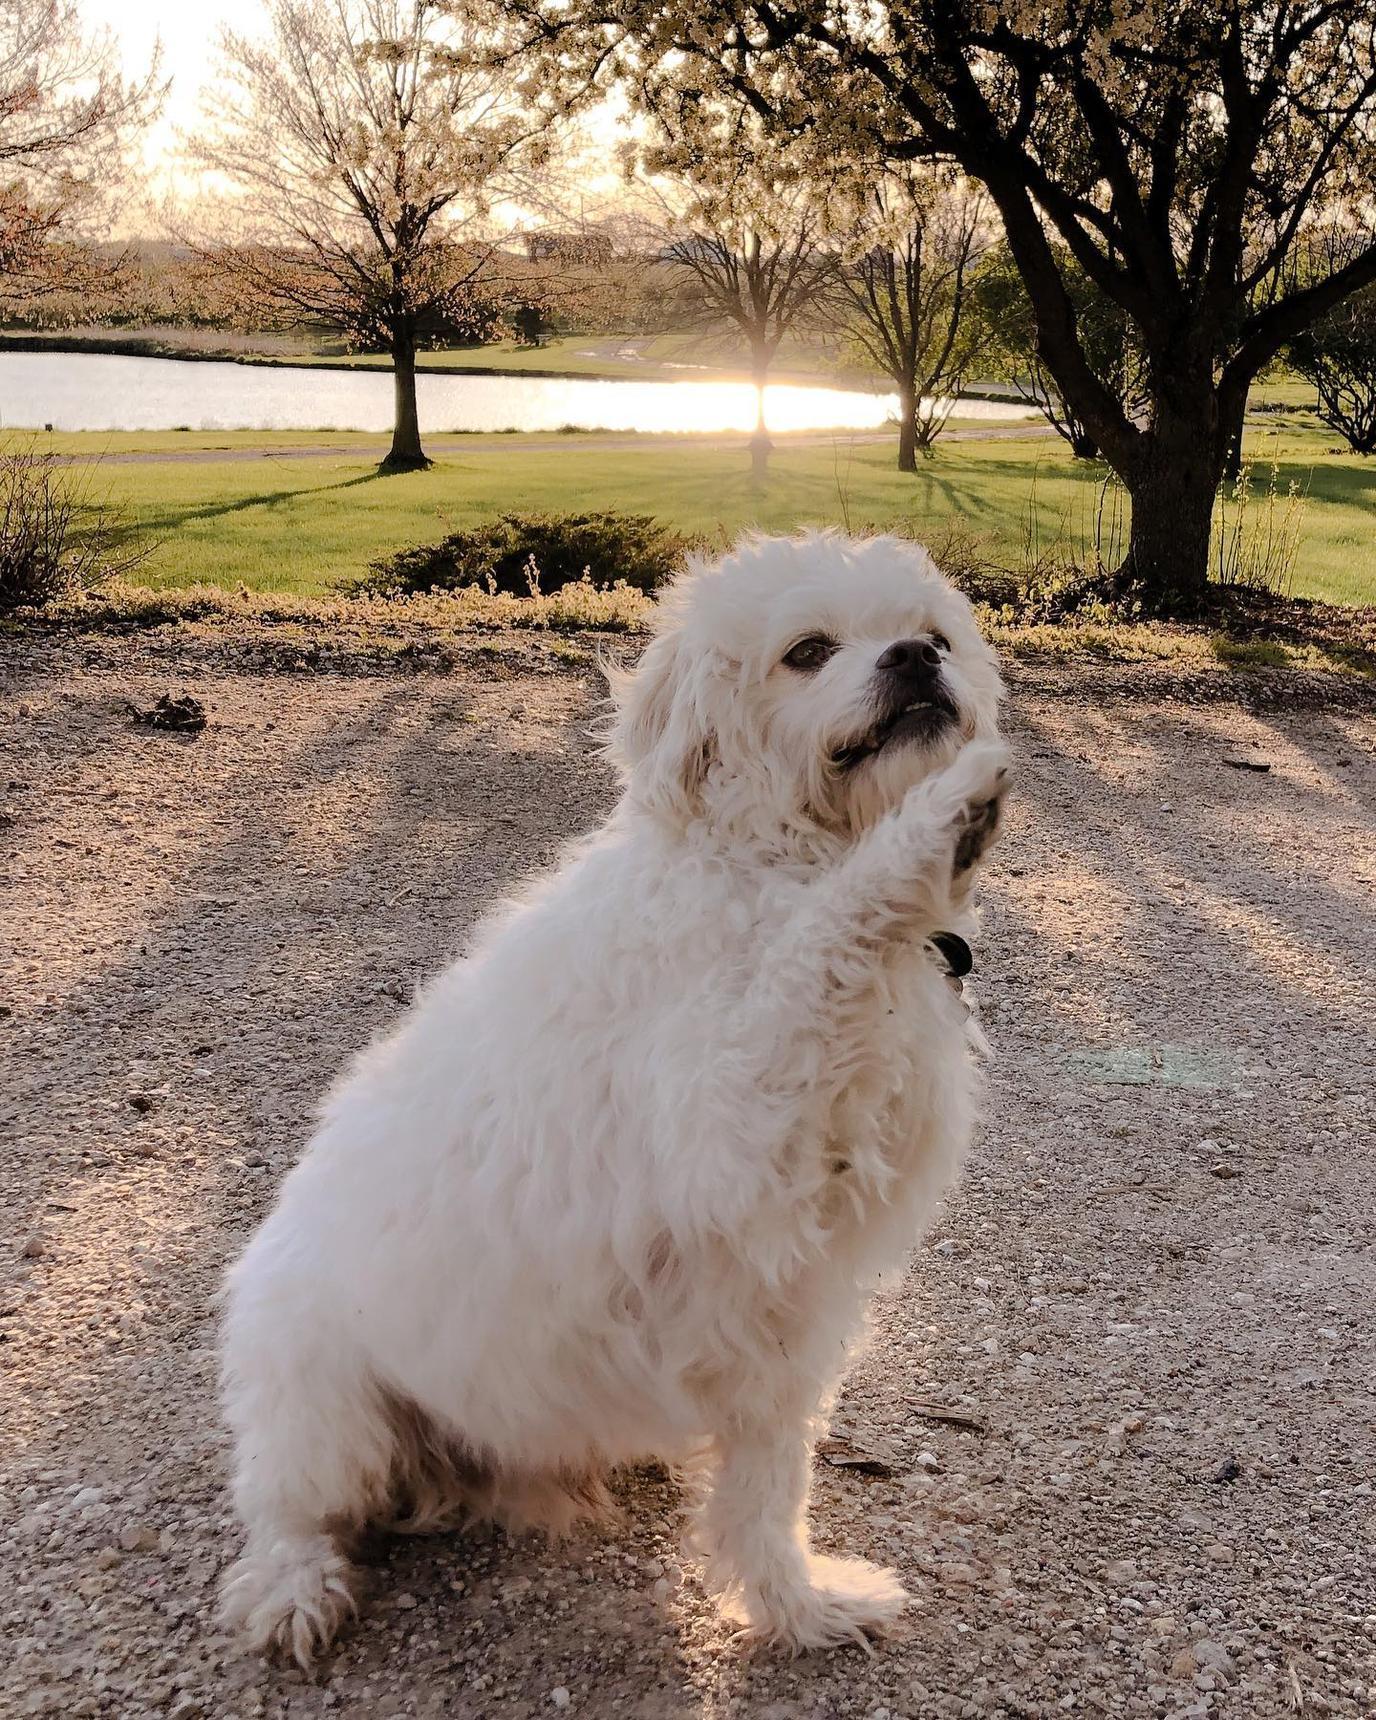 A cute dog enjoying a nice day at a pet-friendly farm.